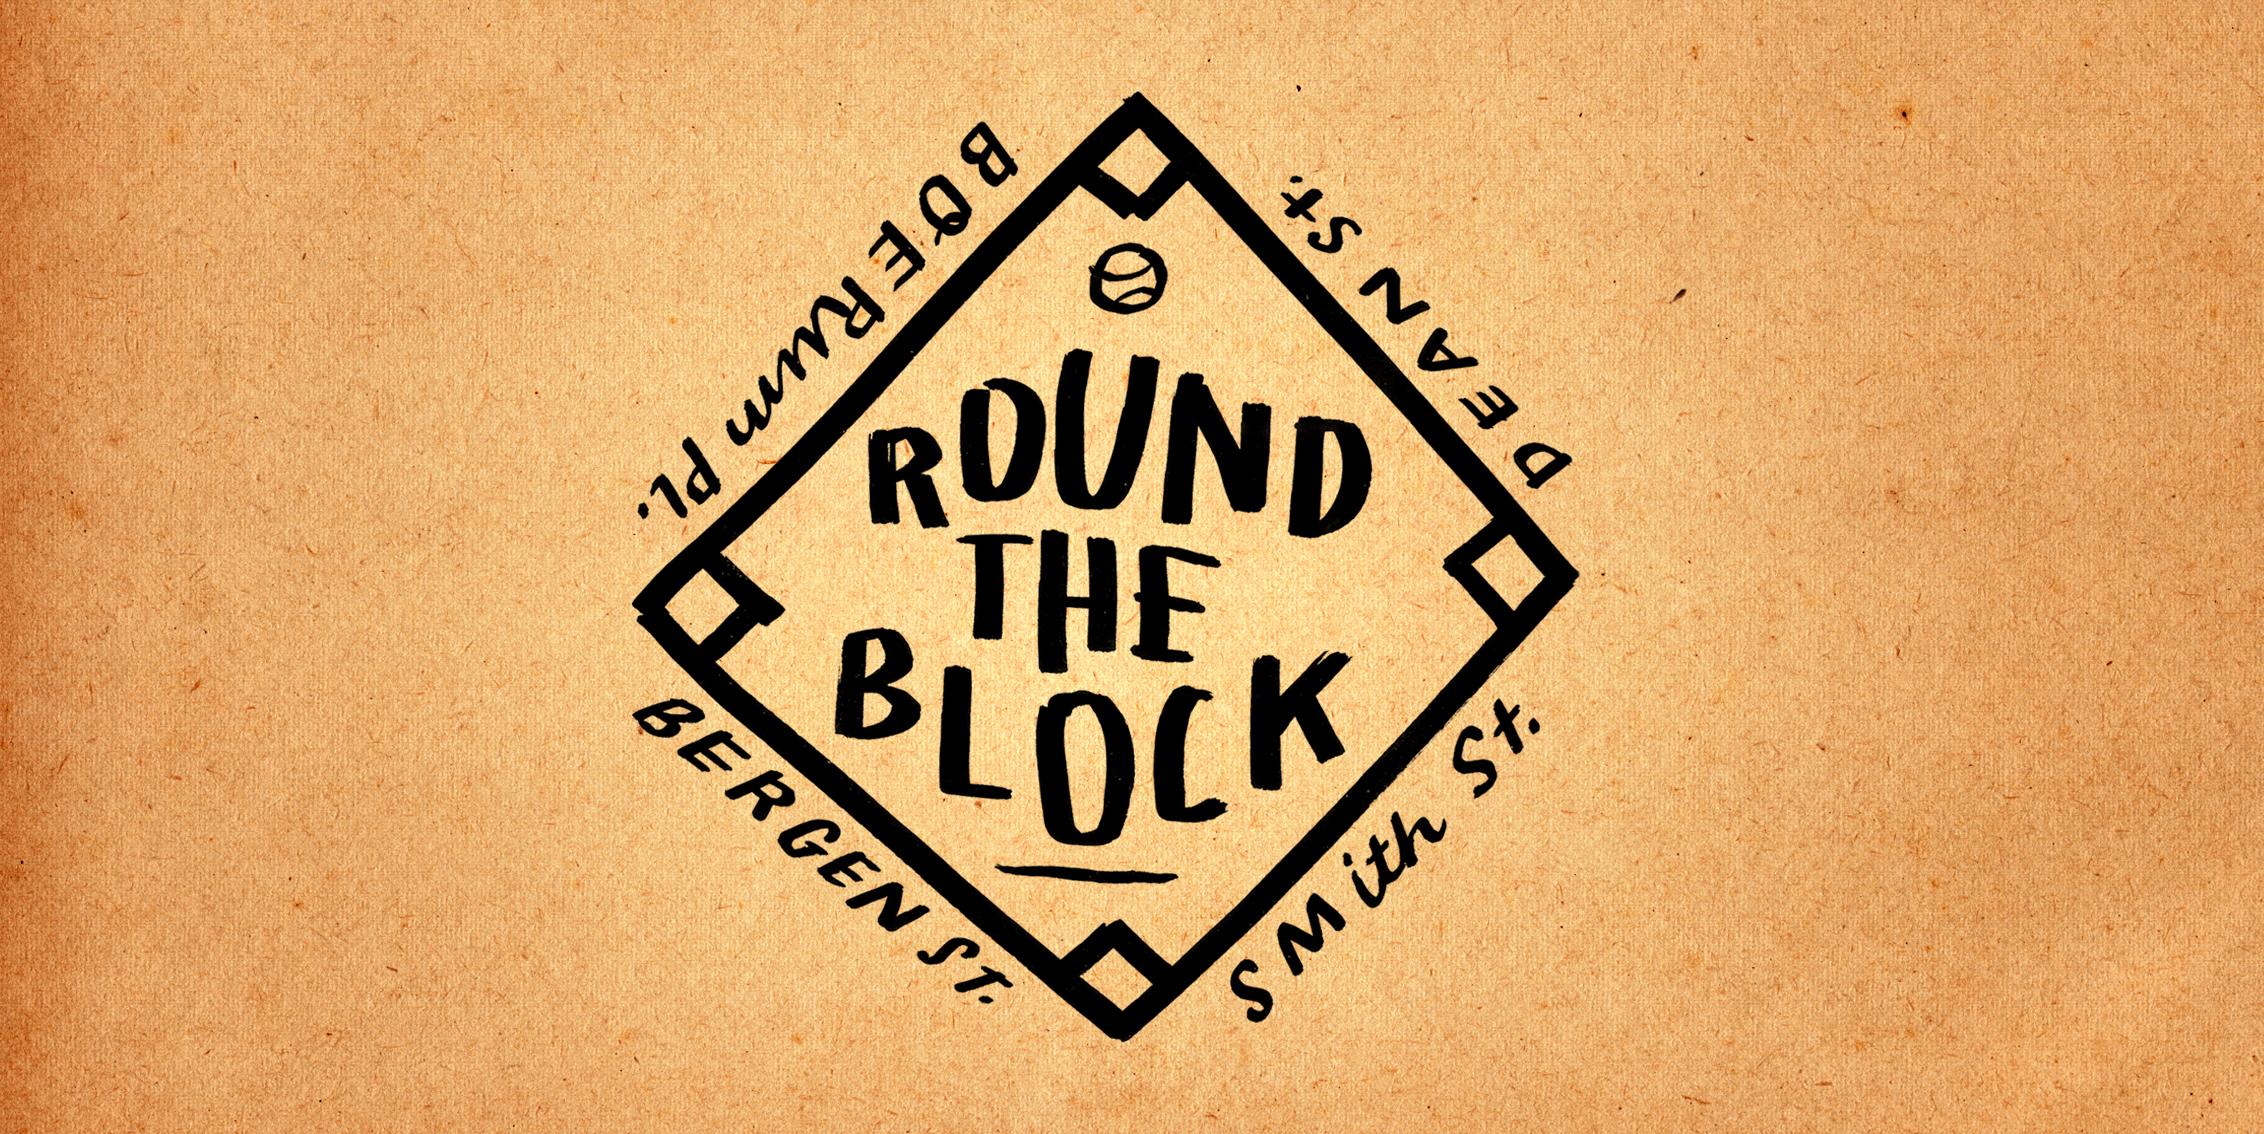 the-invisible-dog-mac-premo-round-the-block